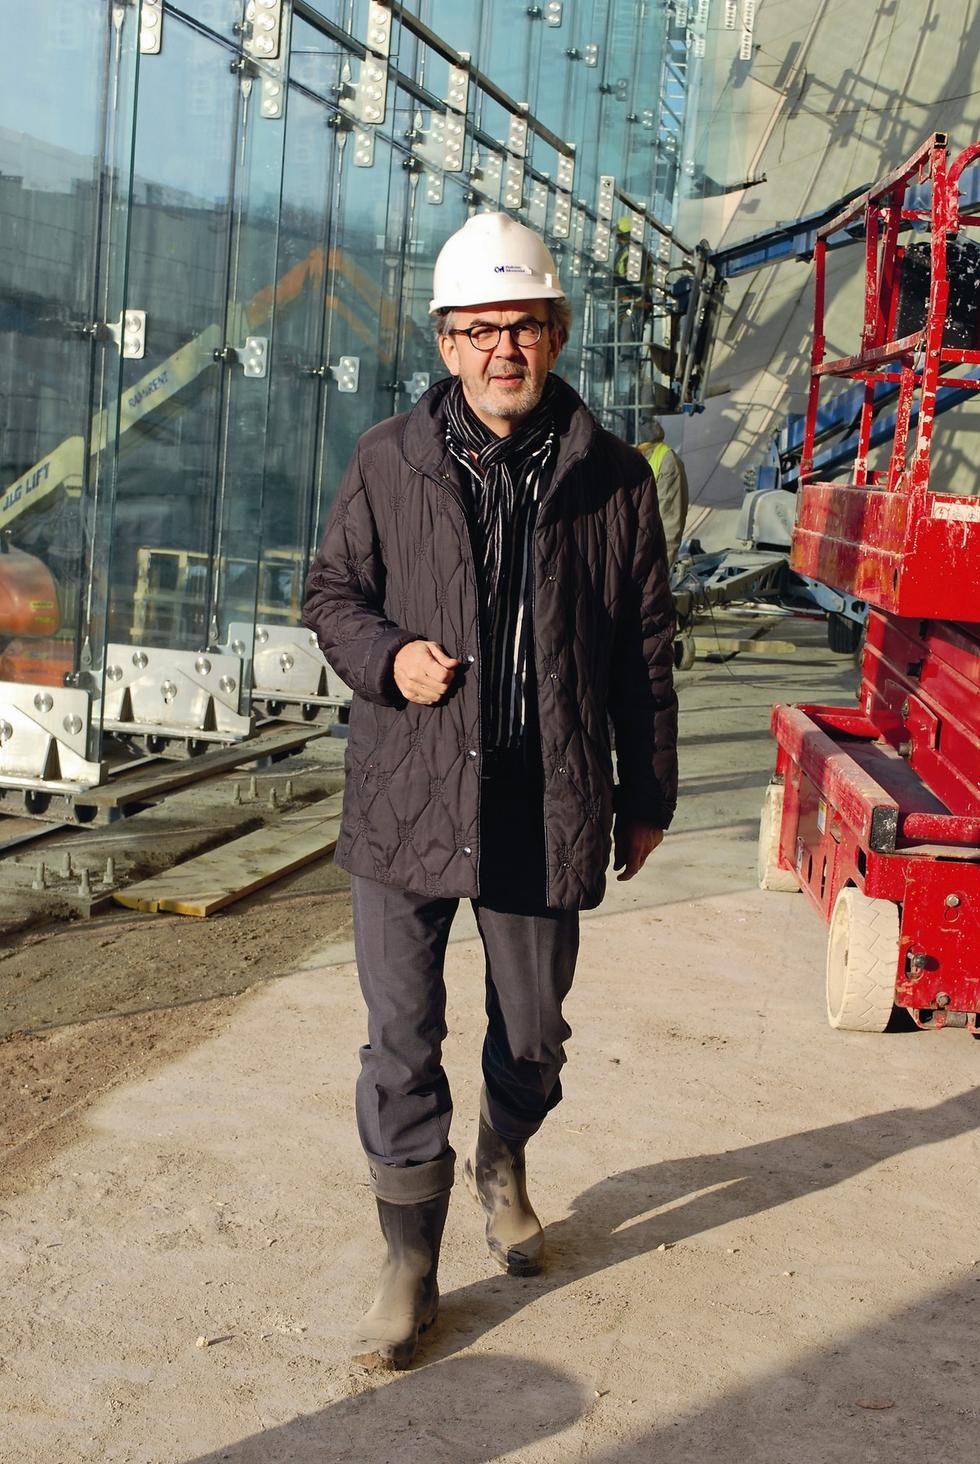 Rainer Mahlamaki